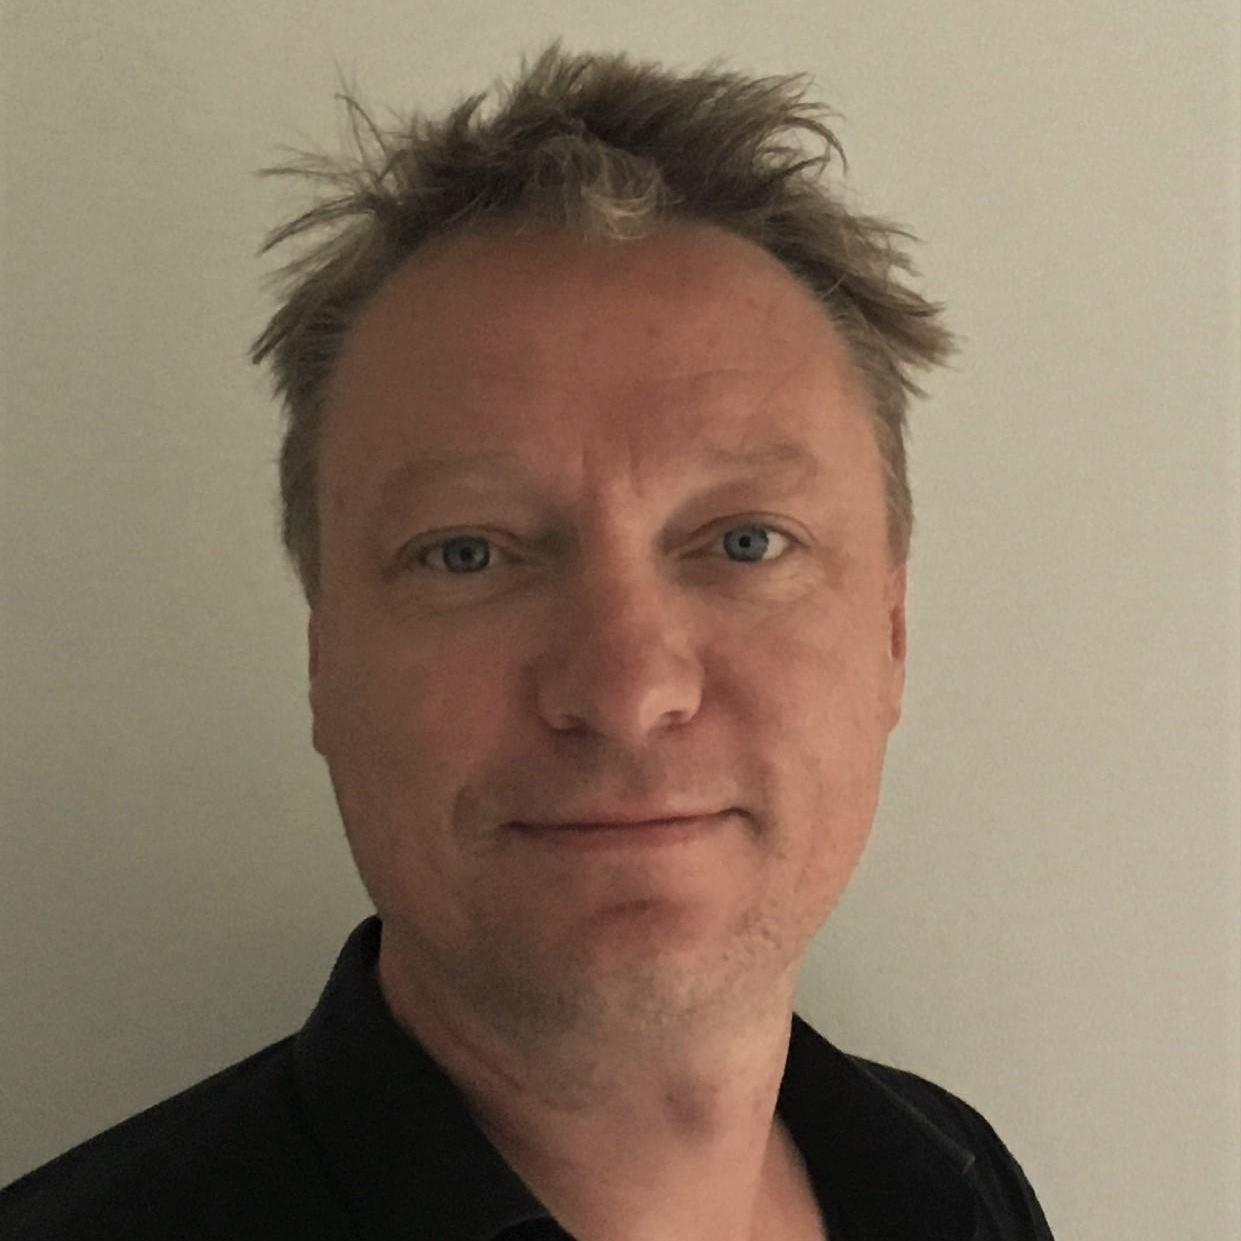 Gareth Winstanley